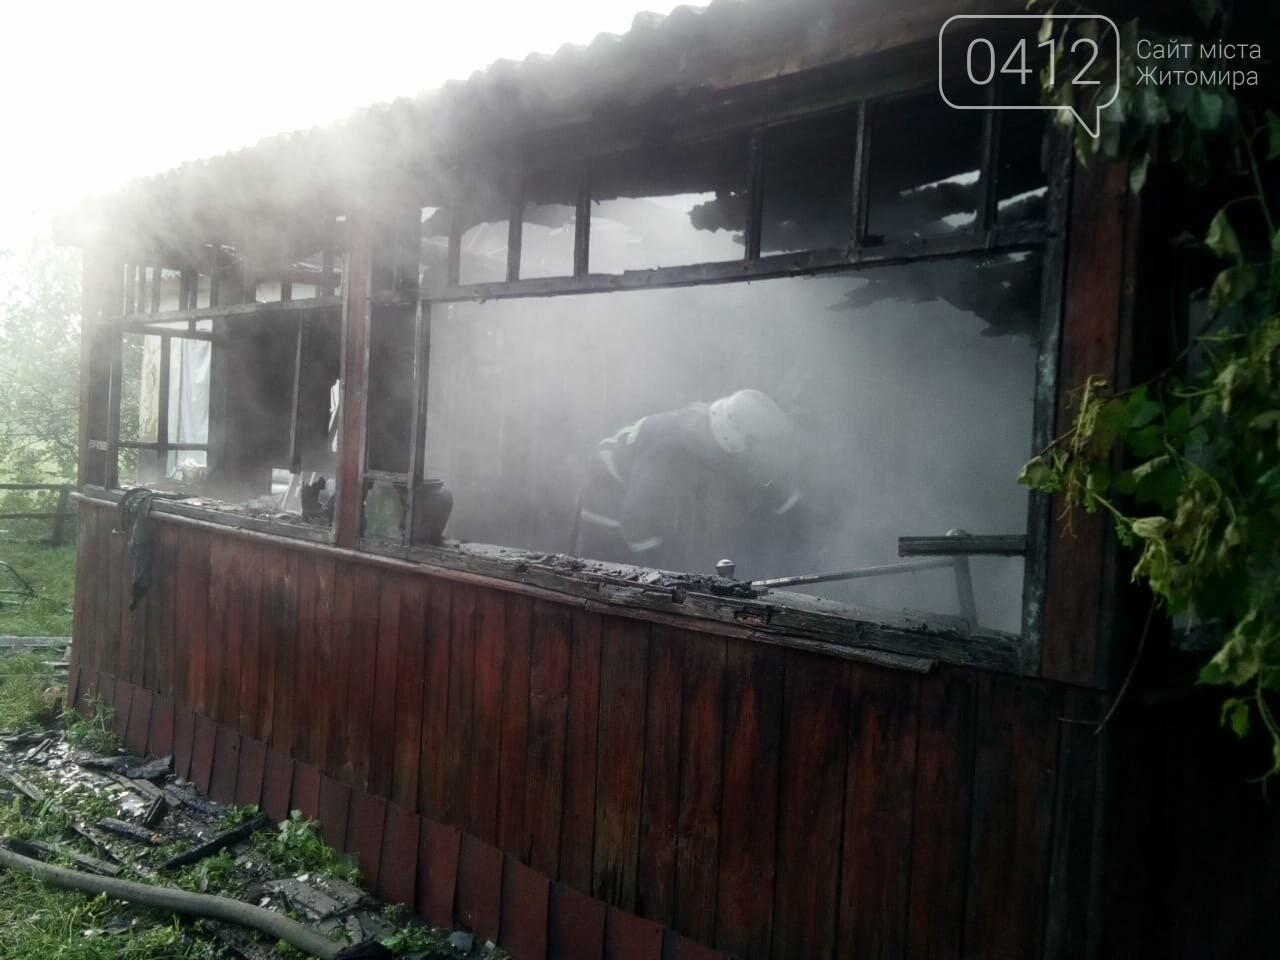 Унаслідок пожежі на Житомирщині знищено дах приватного будинку, фото-1